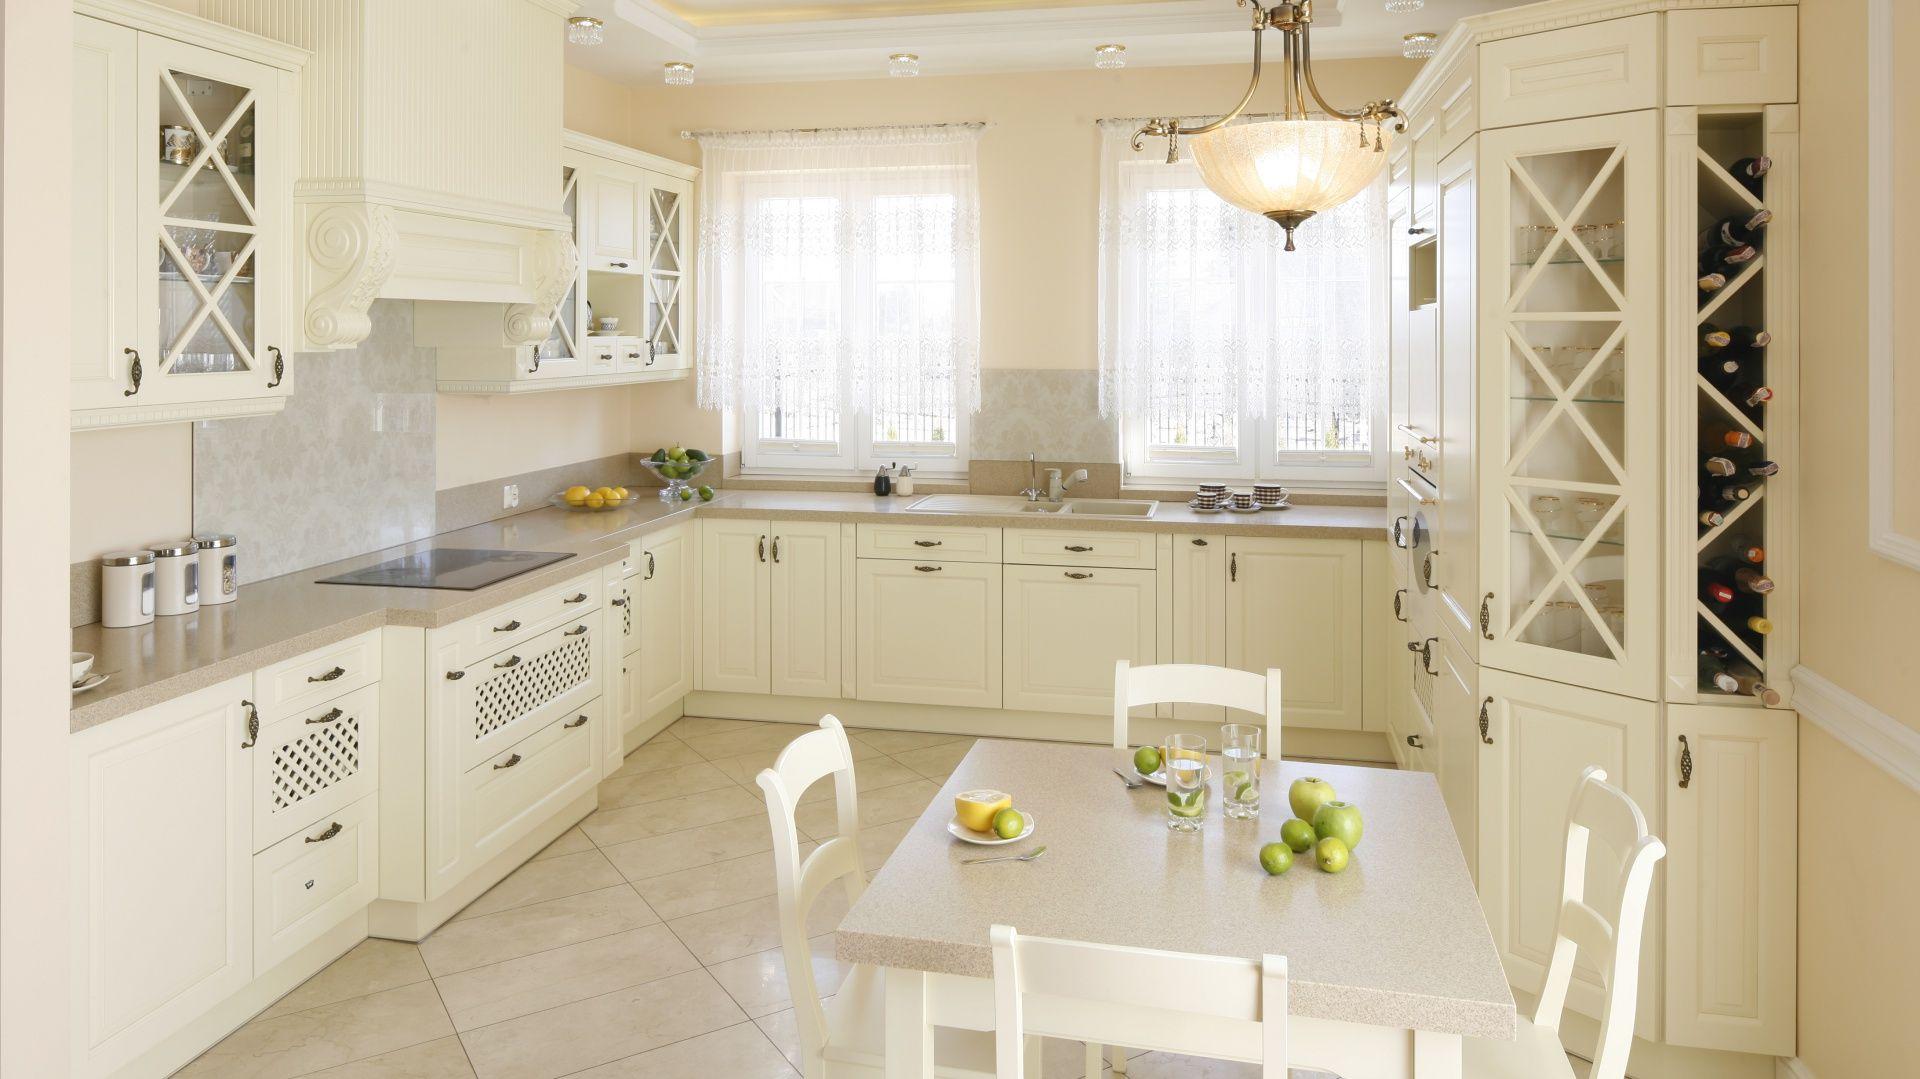 Klasyczna Kuchnie Urzadzono Z Wykorzystaniem Mebli W Kolorze Ecru Dzieki Temu Przestronna Kuchnia Wydaje Sie Wieksz Kitchen Style Kitchen Design Kitchen Units